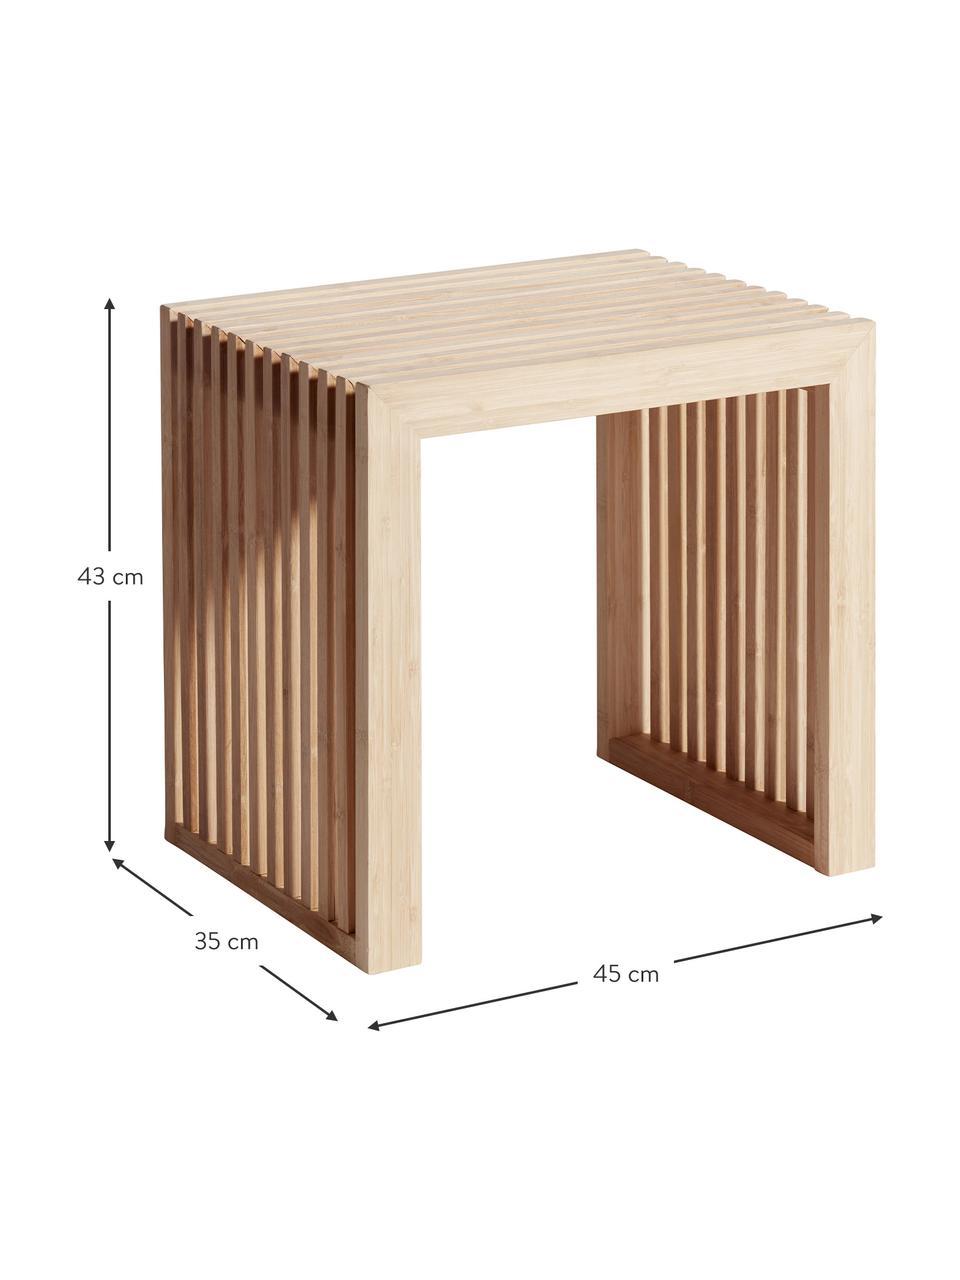 Moderner Hocker Rib aus Bambus, Bambus, geschliffen und geölt, Braun, 45 x 43 cm